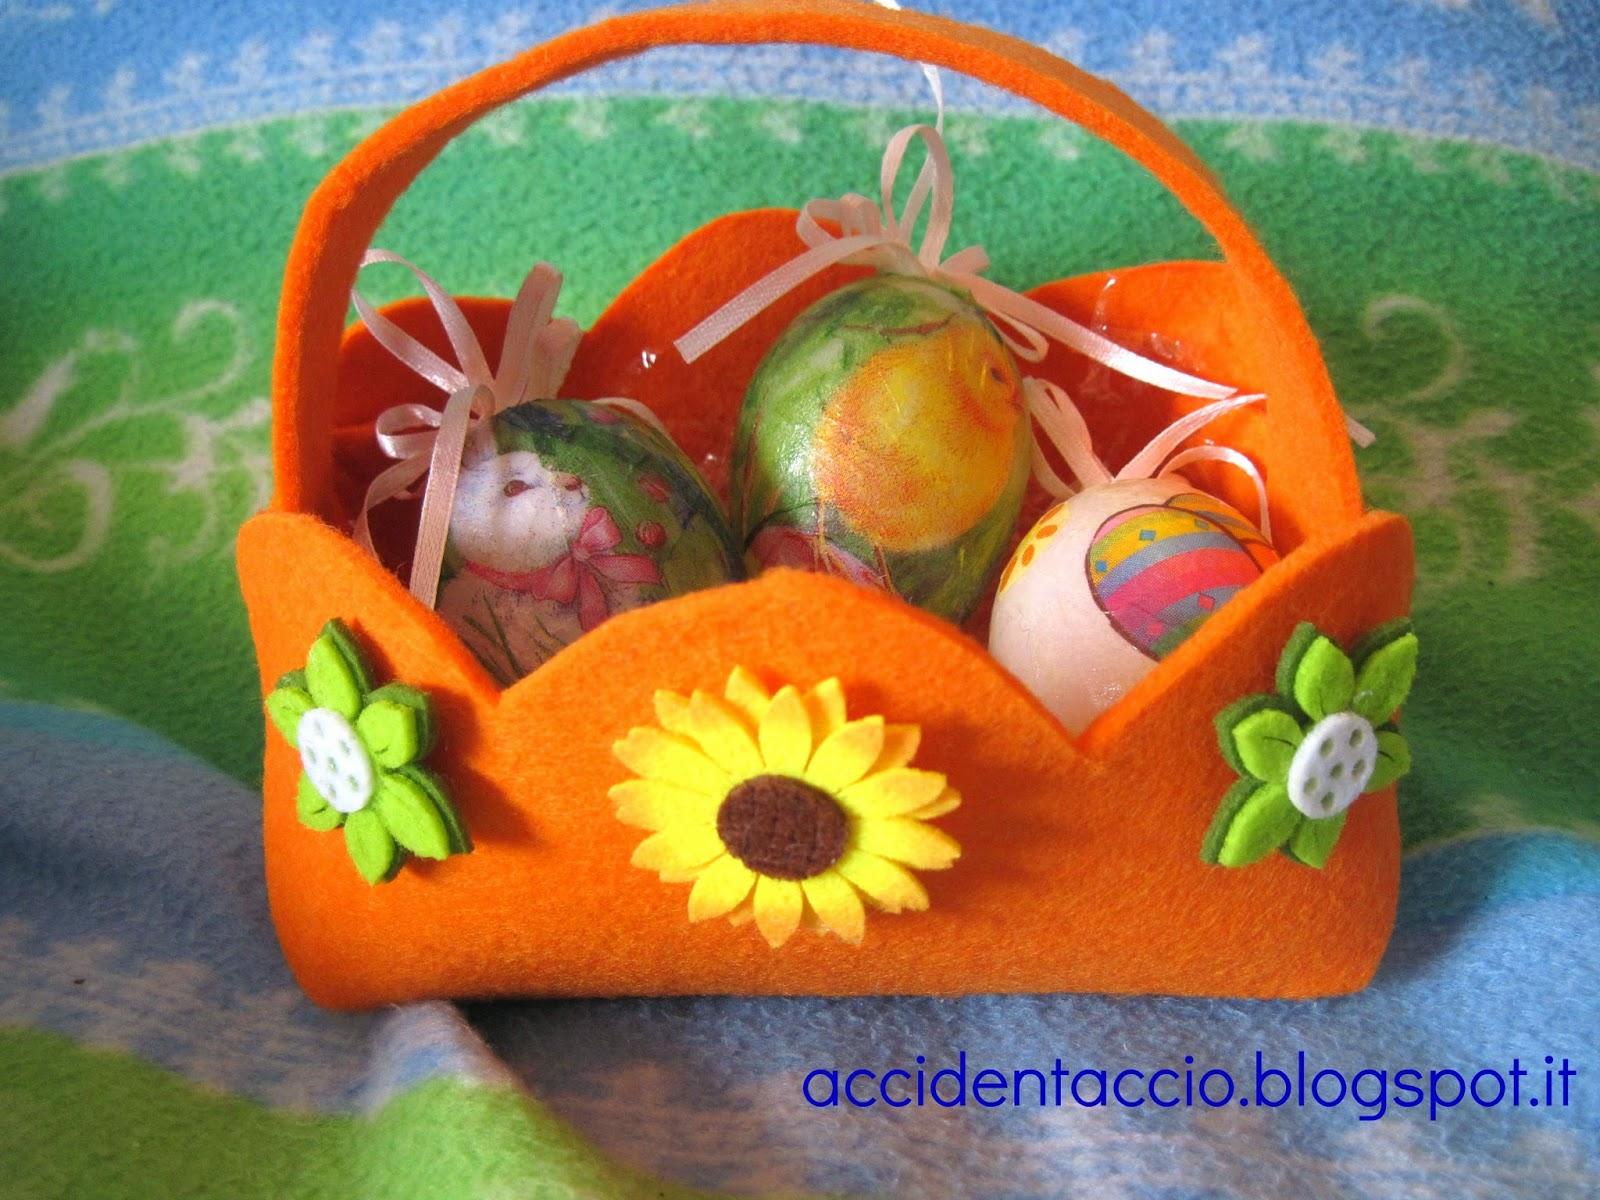 Decorazioni per pasqua cestino porta uova in feltro - Decorazioni per uova di pasqua ...